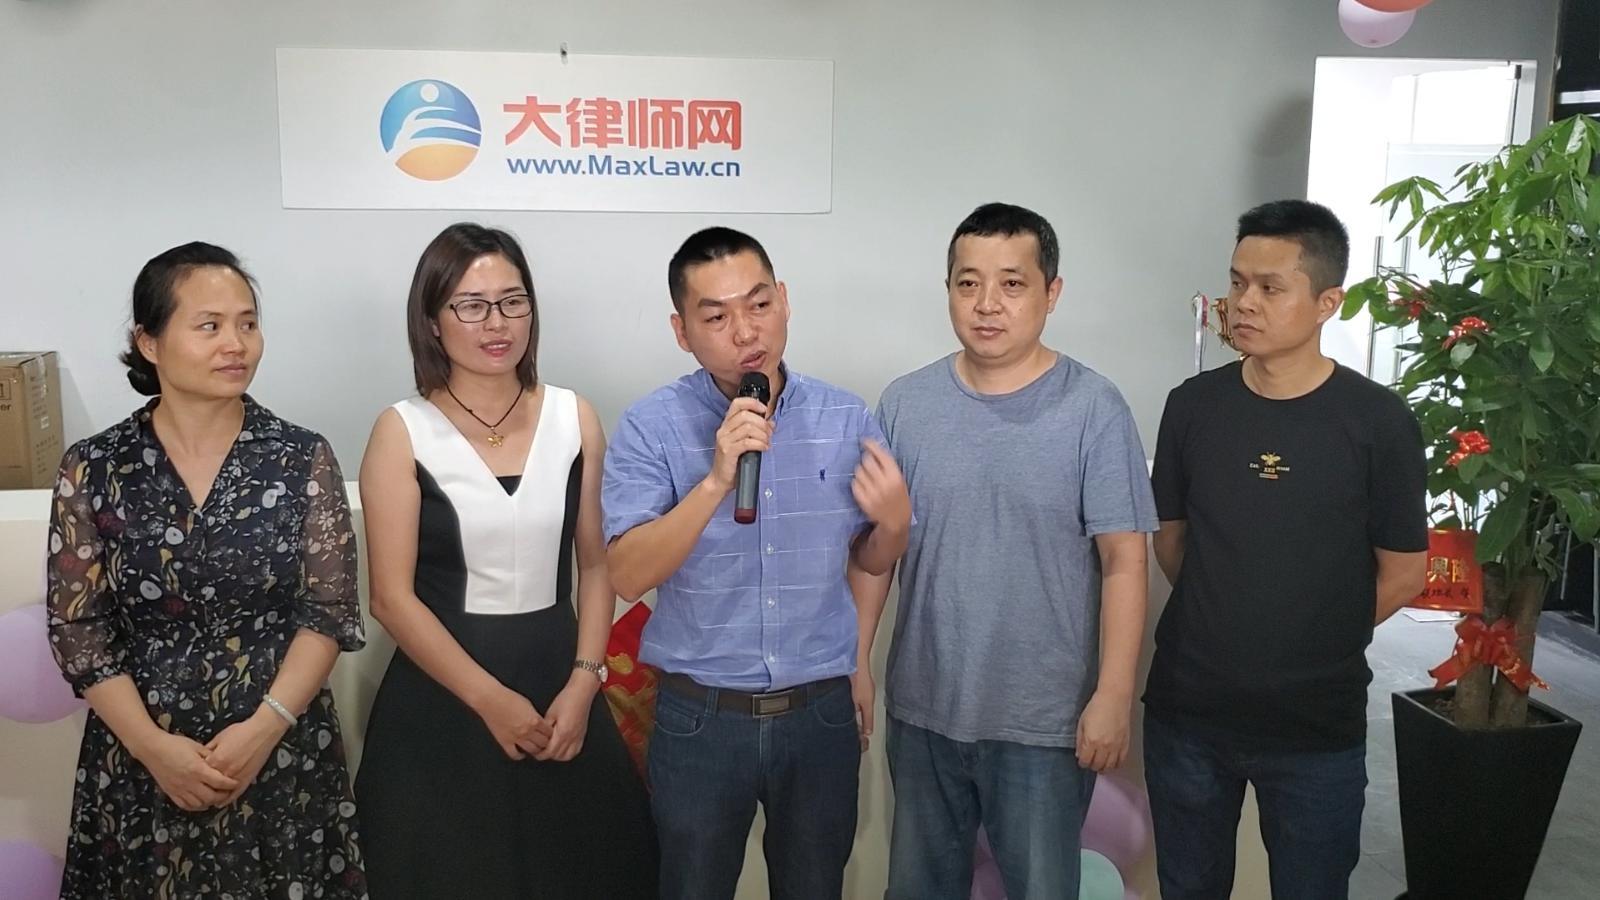 伍聚网络乔迁新址 一起共创新未来!